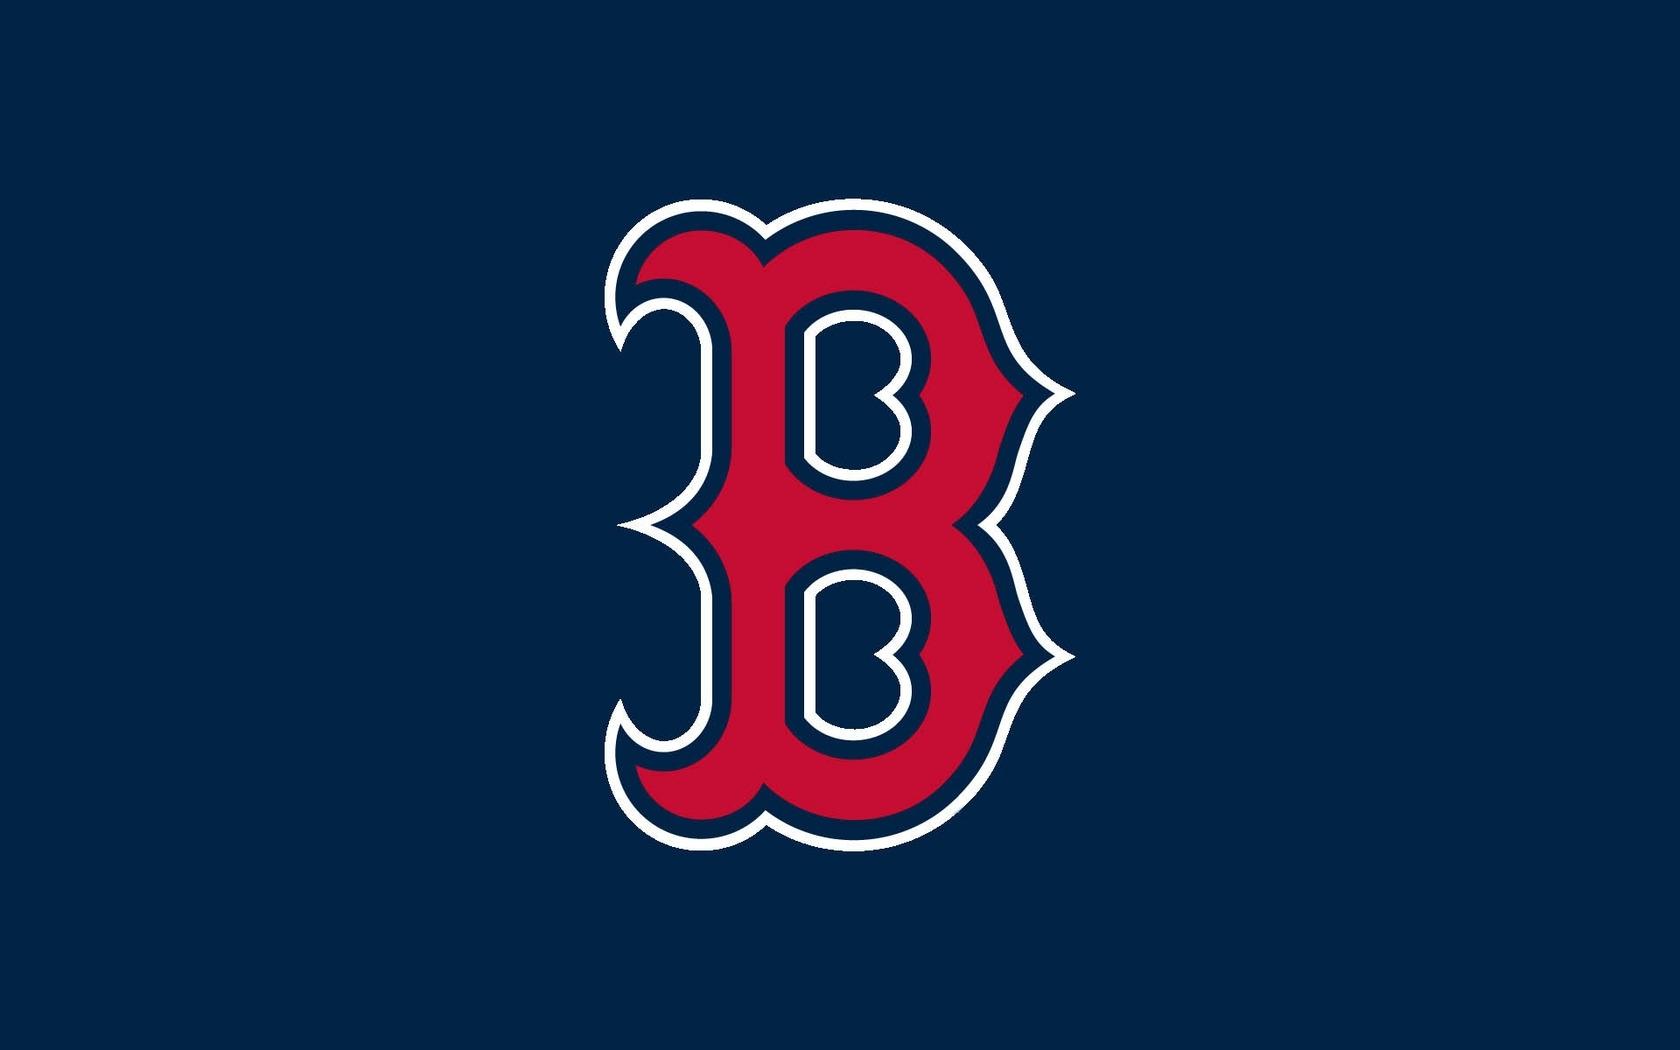 boston red sox cool wallpaper hd - http://imashon/sport/boston